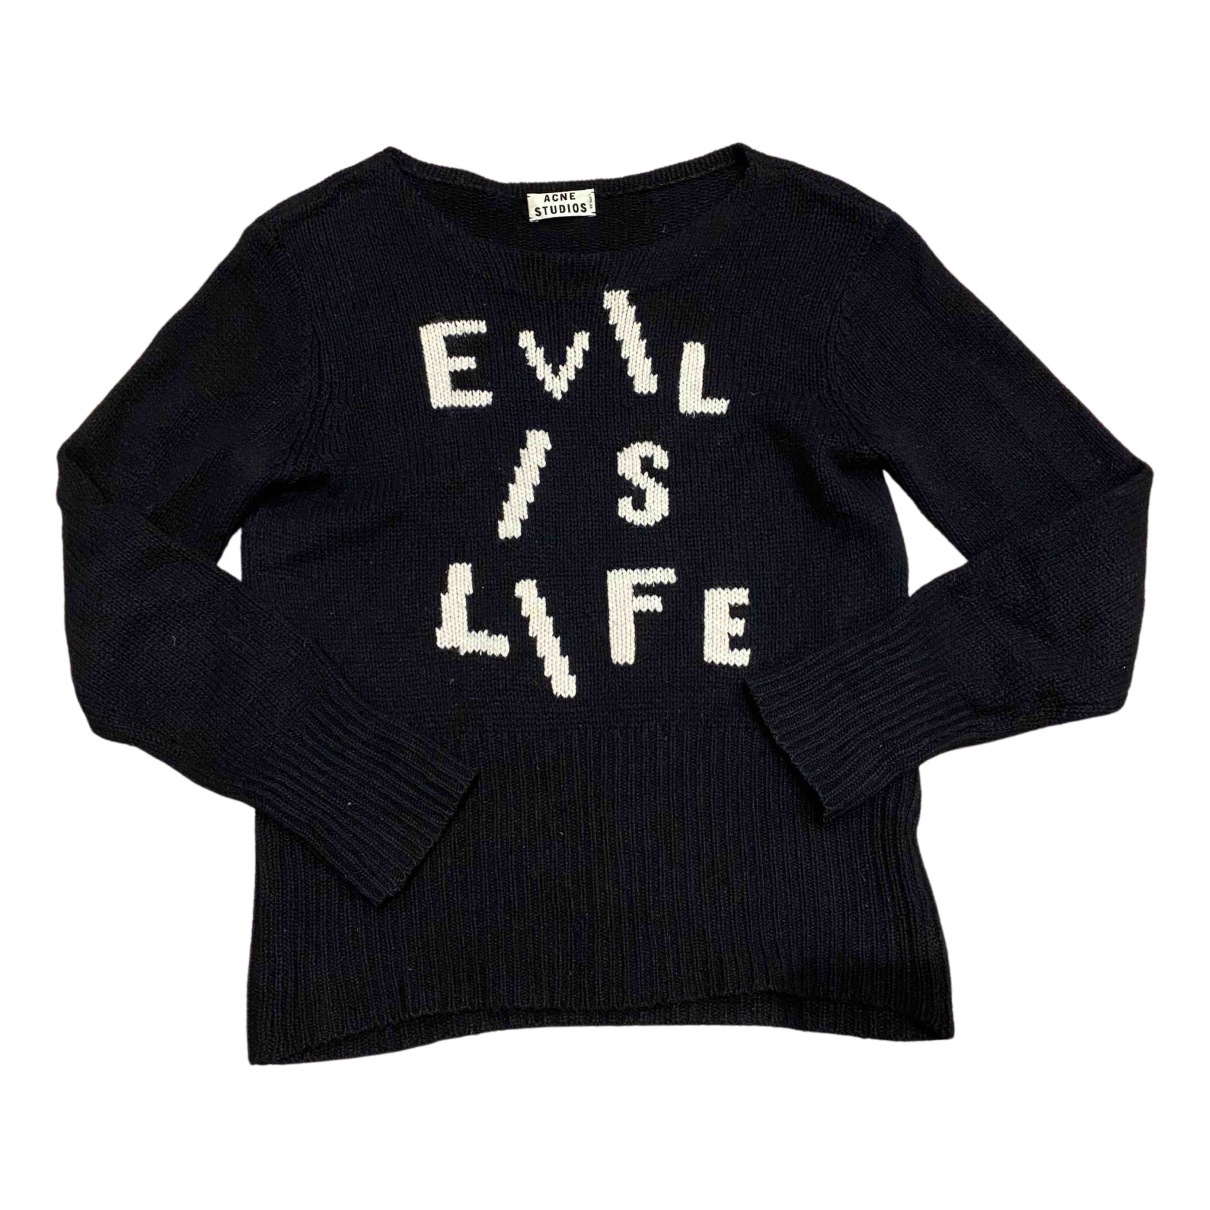 Acne Studios - Pull   pour femme en laine - noir